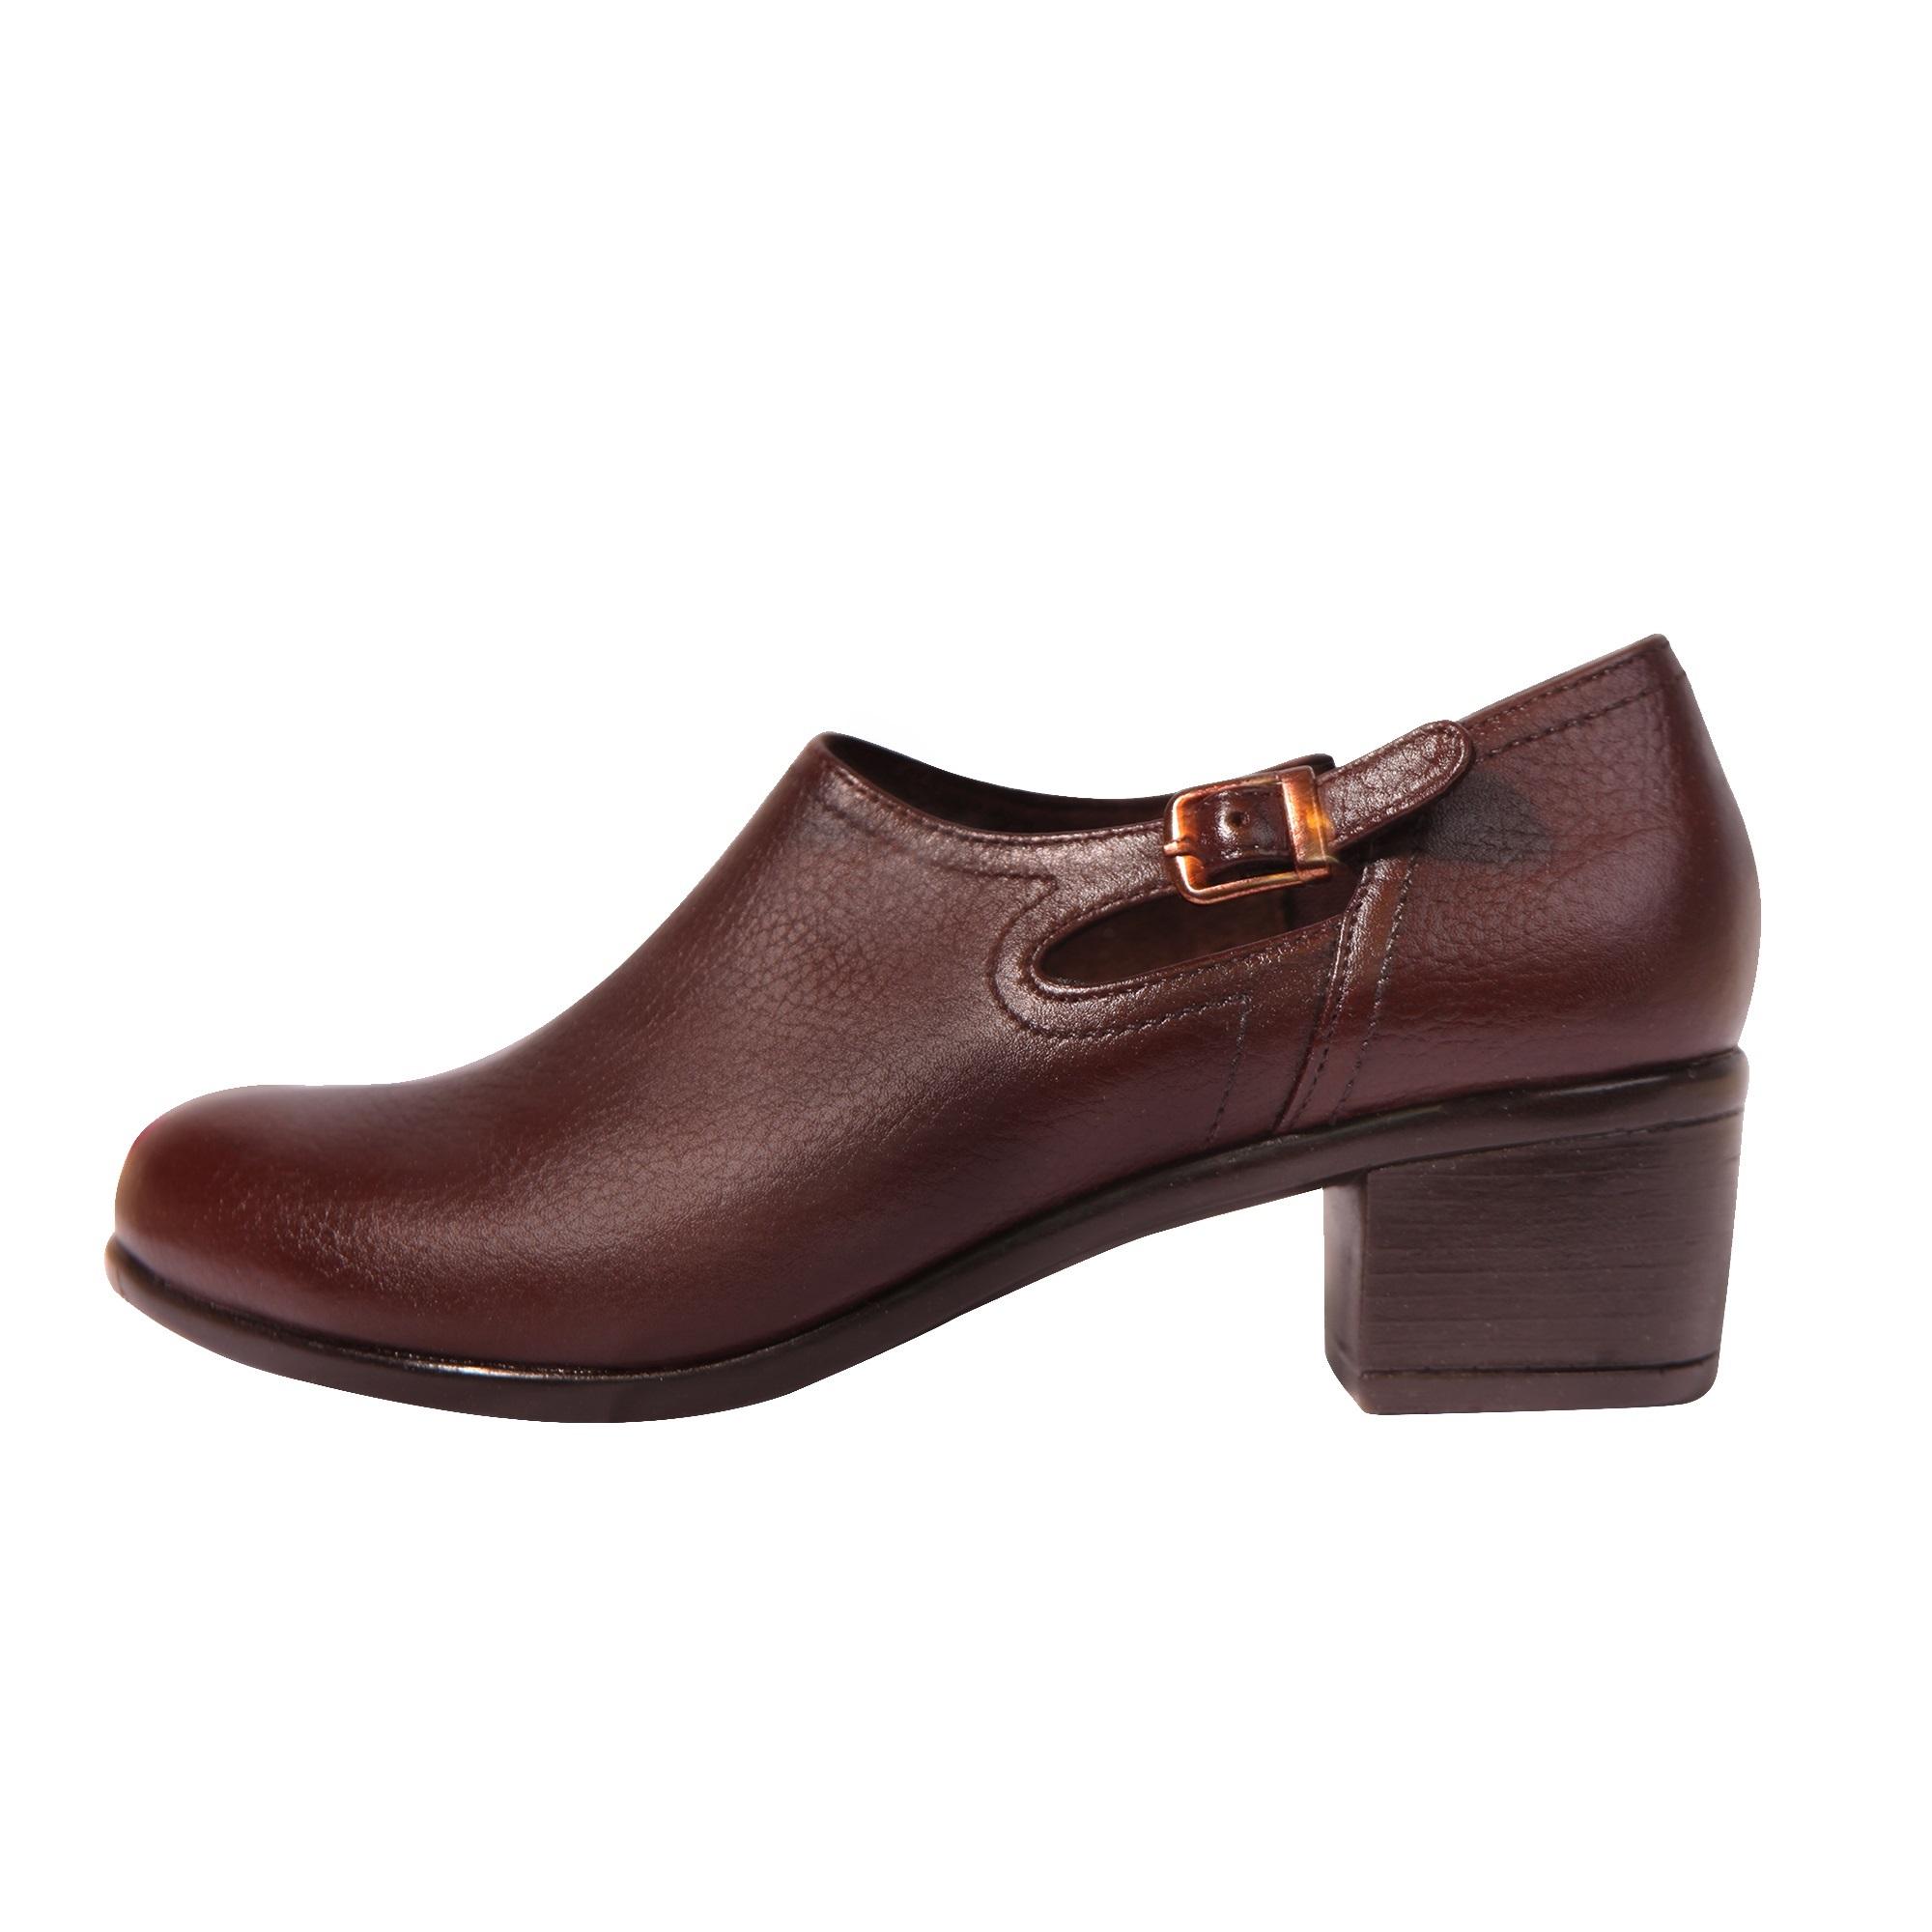 کفش زنانه روشن مدل 4030 کد 02              (قیمت و عکس)